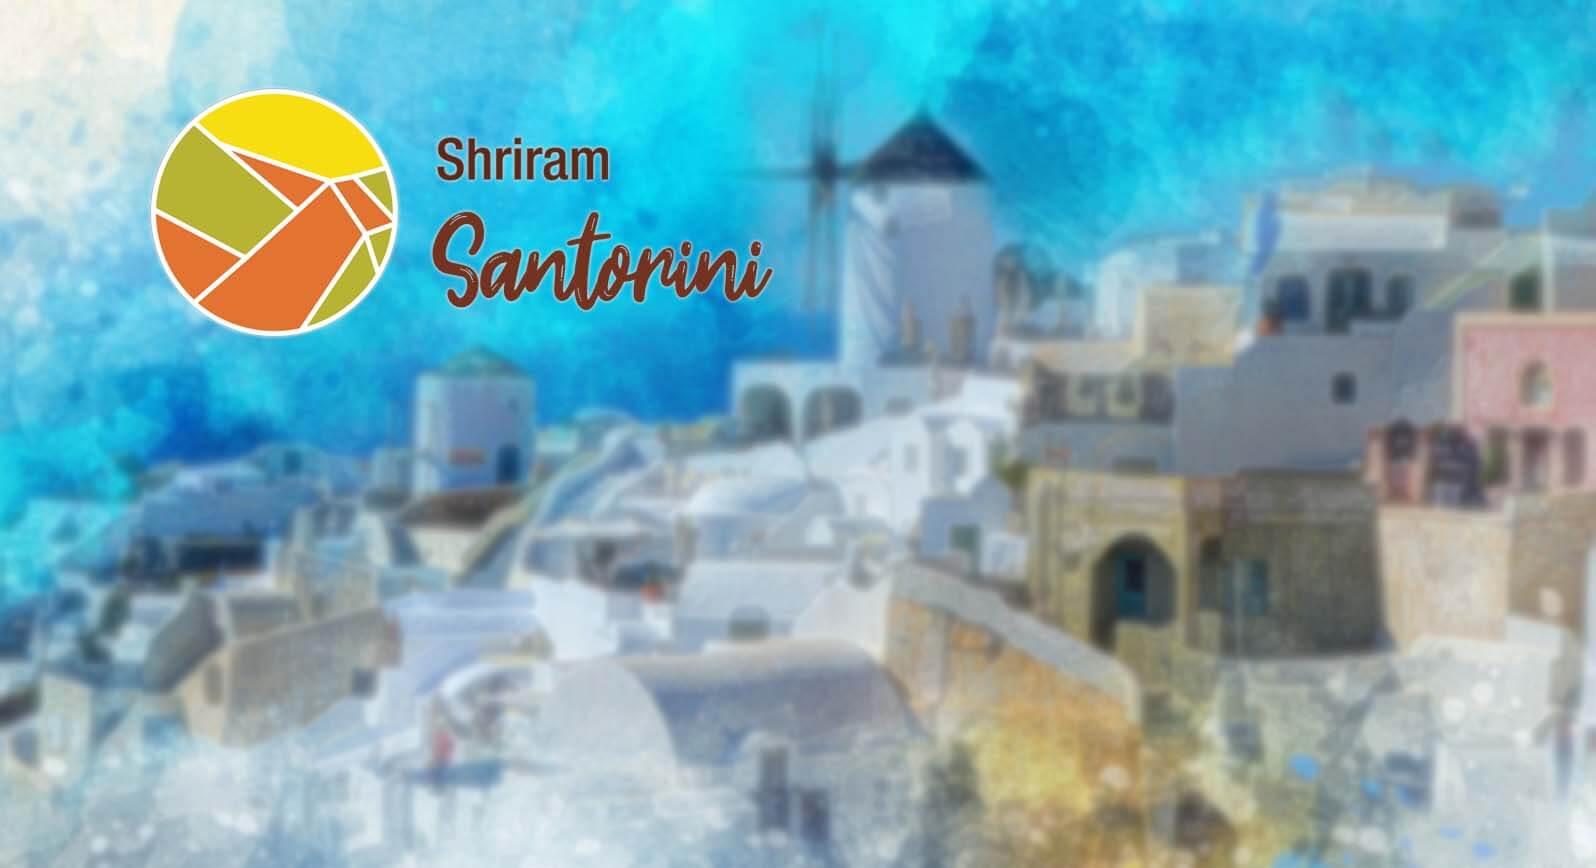 Main Image HNS - Shriram Santorini Plots